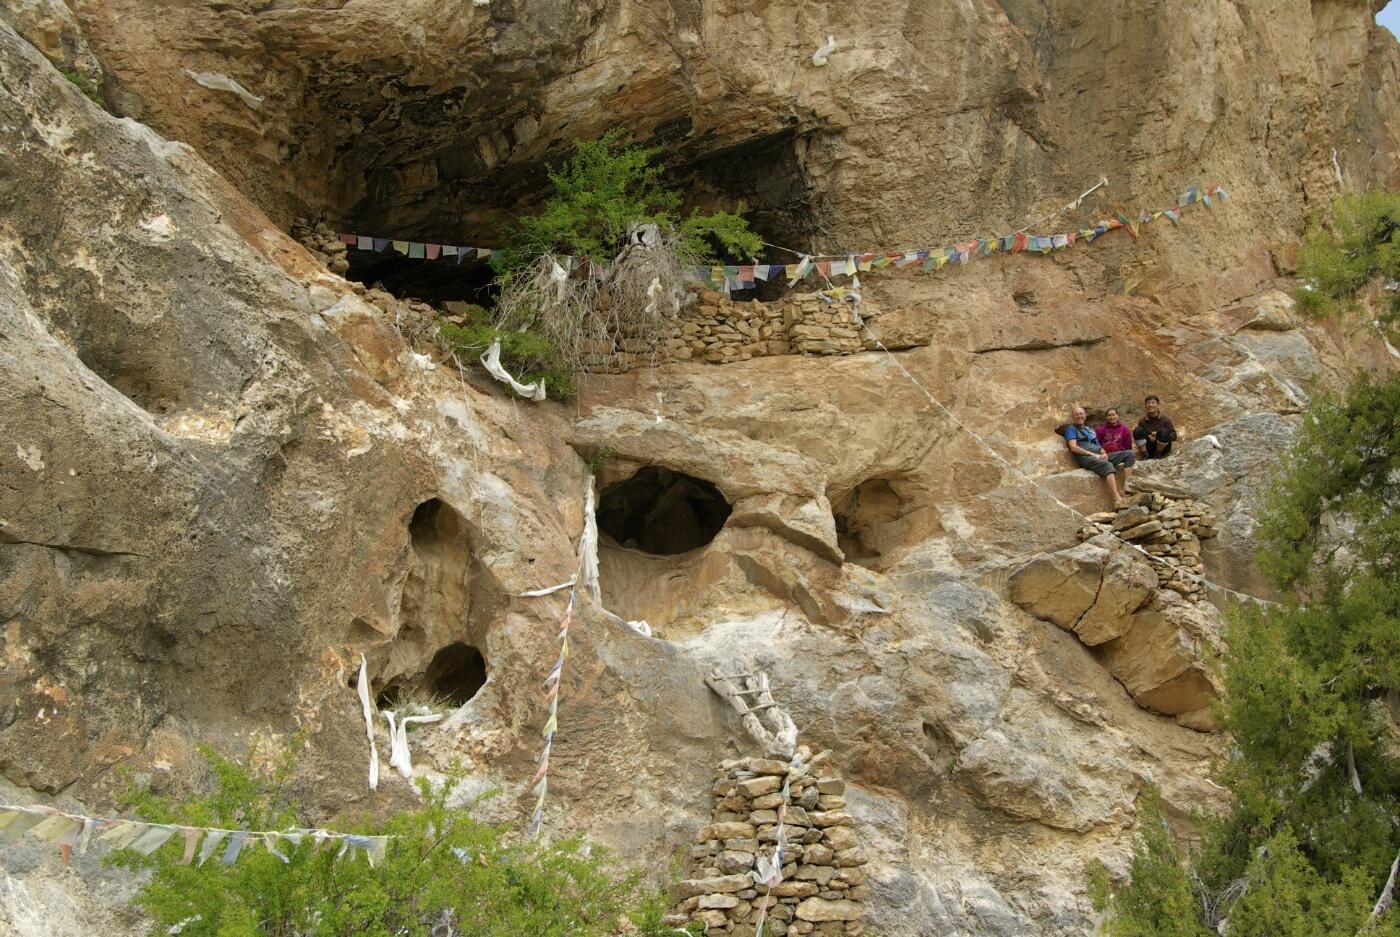 Phokar, Padmasambhava: Erkundung einer der kleinen Höhlen